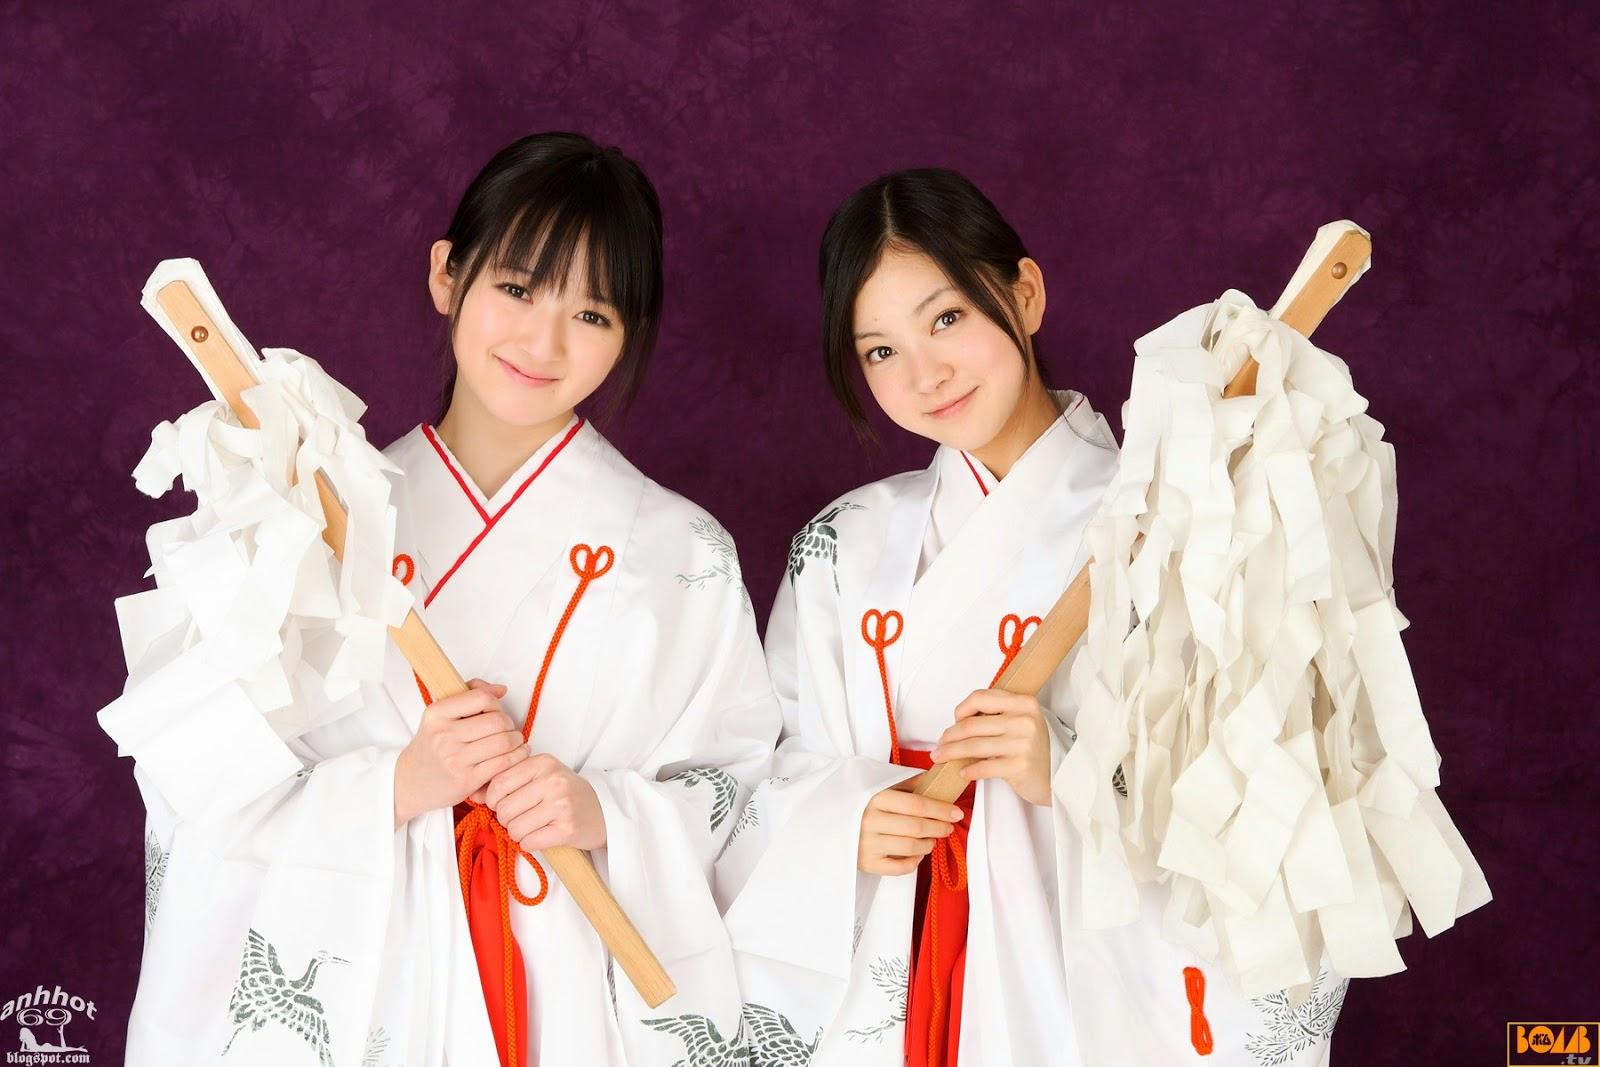 saki-takayama-01316326